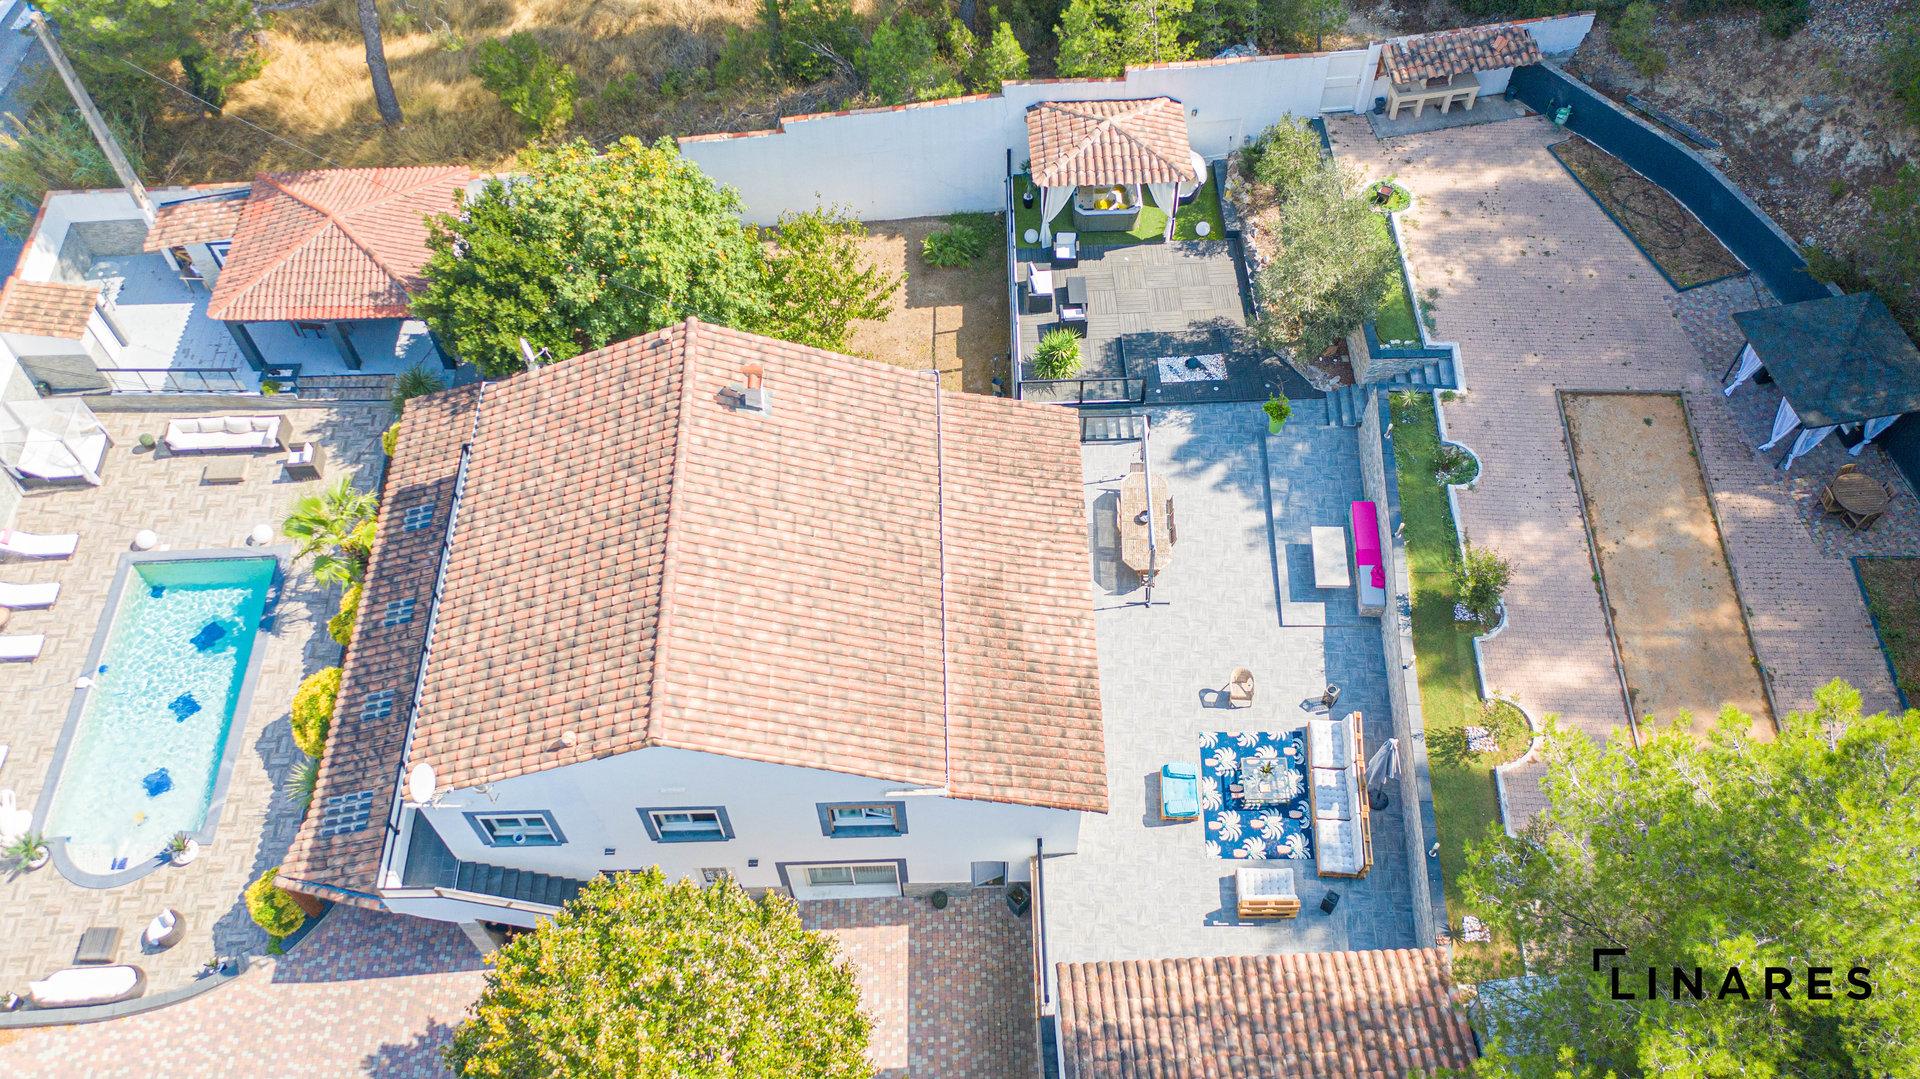 L'OASIS Villa T7 de 220m2 Terrain avec Piscine de 2000m2 13820 Ensues La Redonne